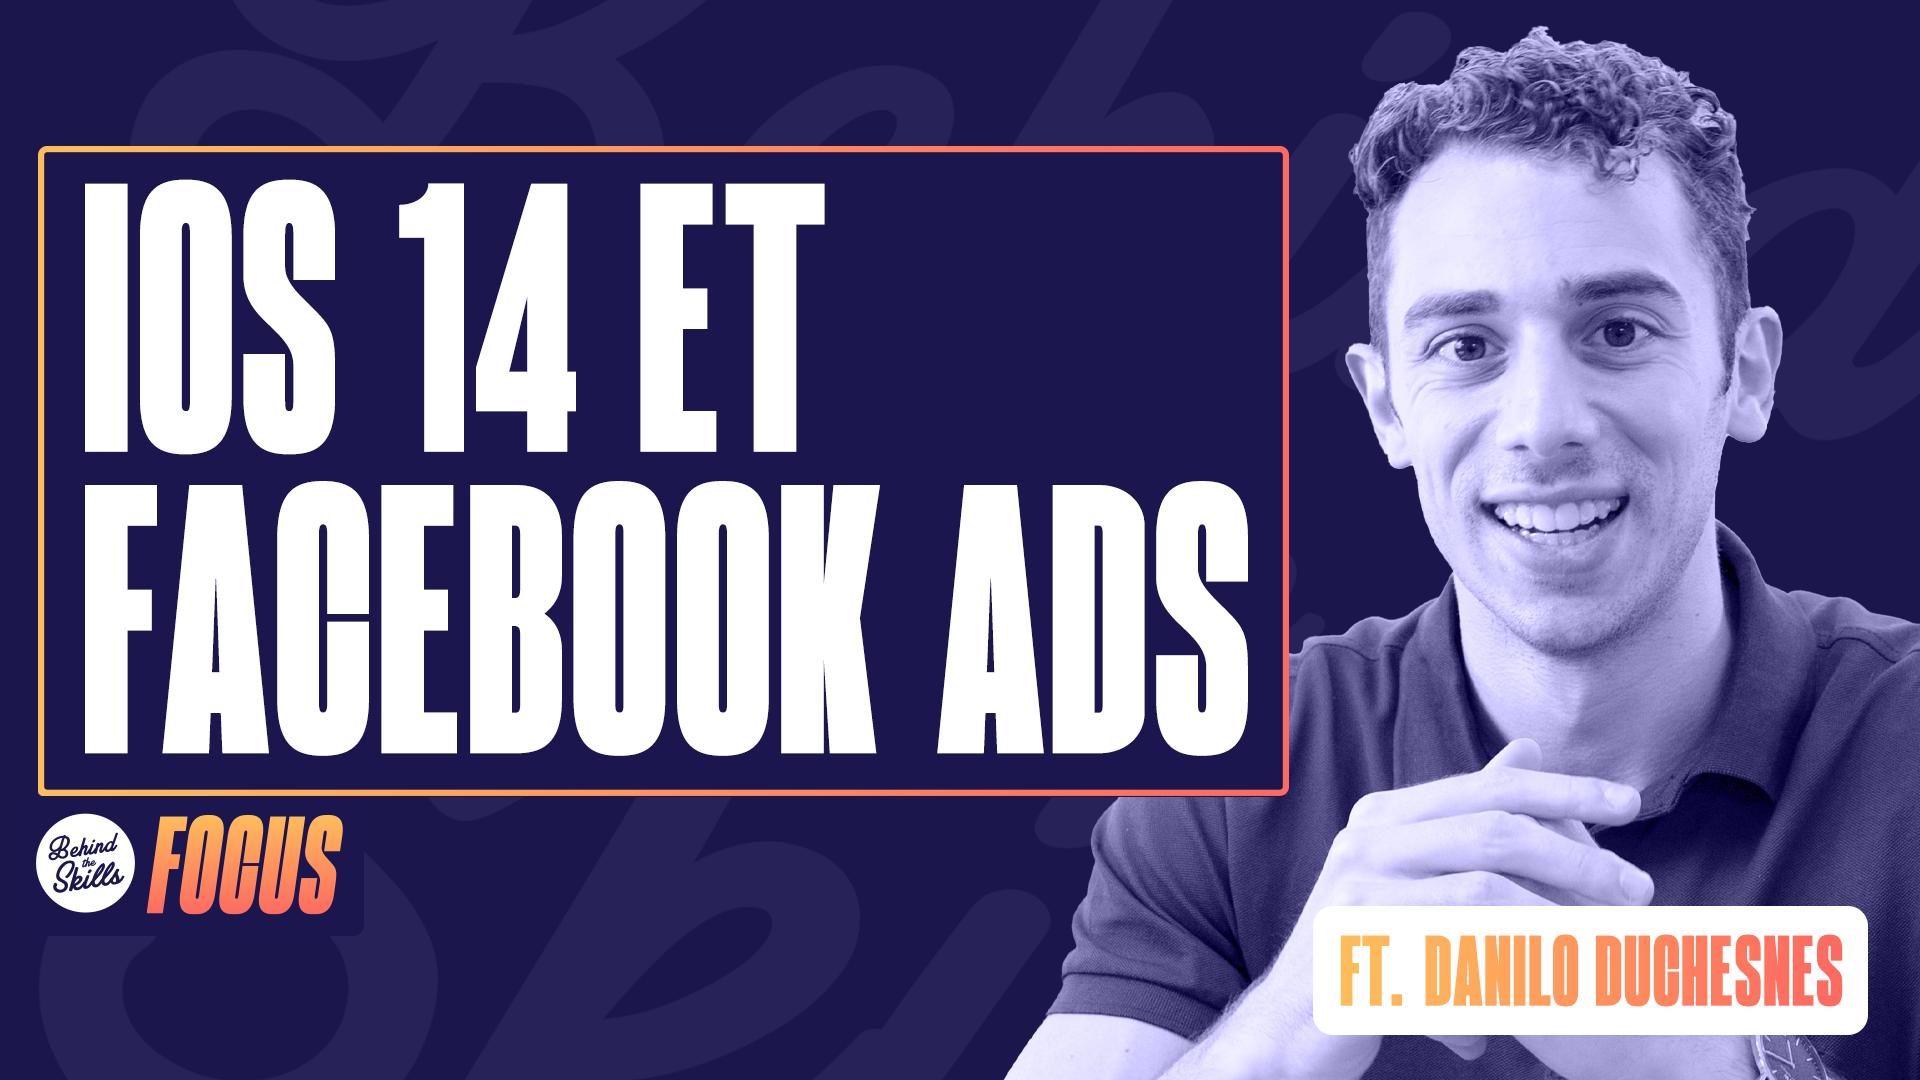 IOS 14 et Facebook Ads